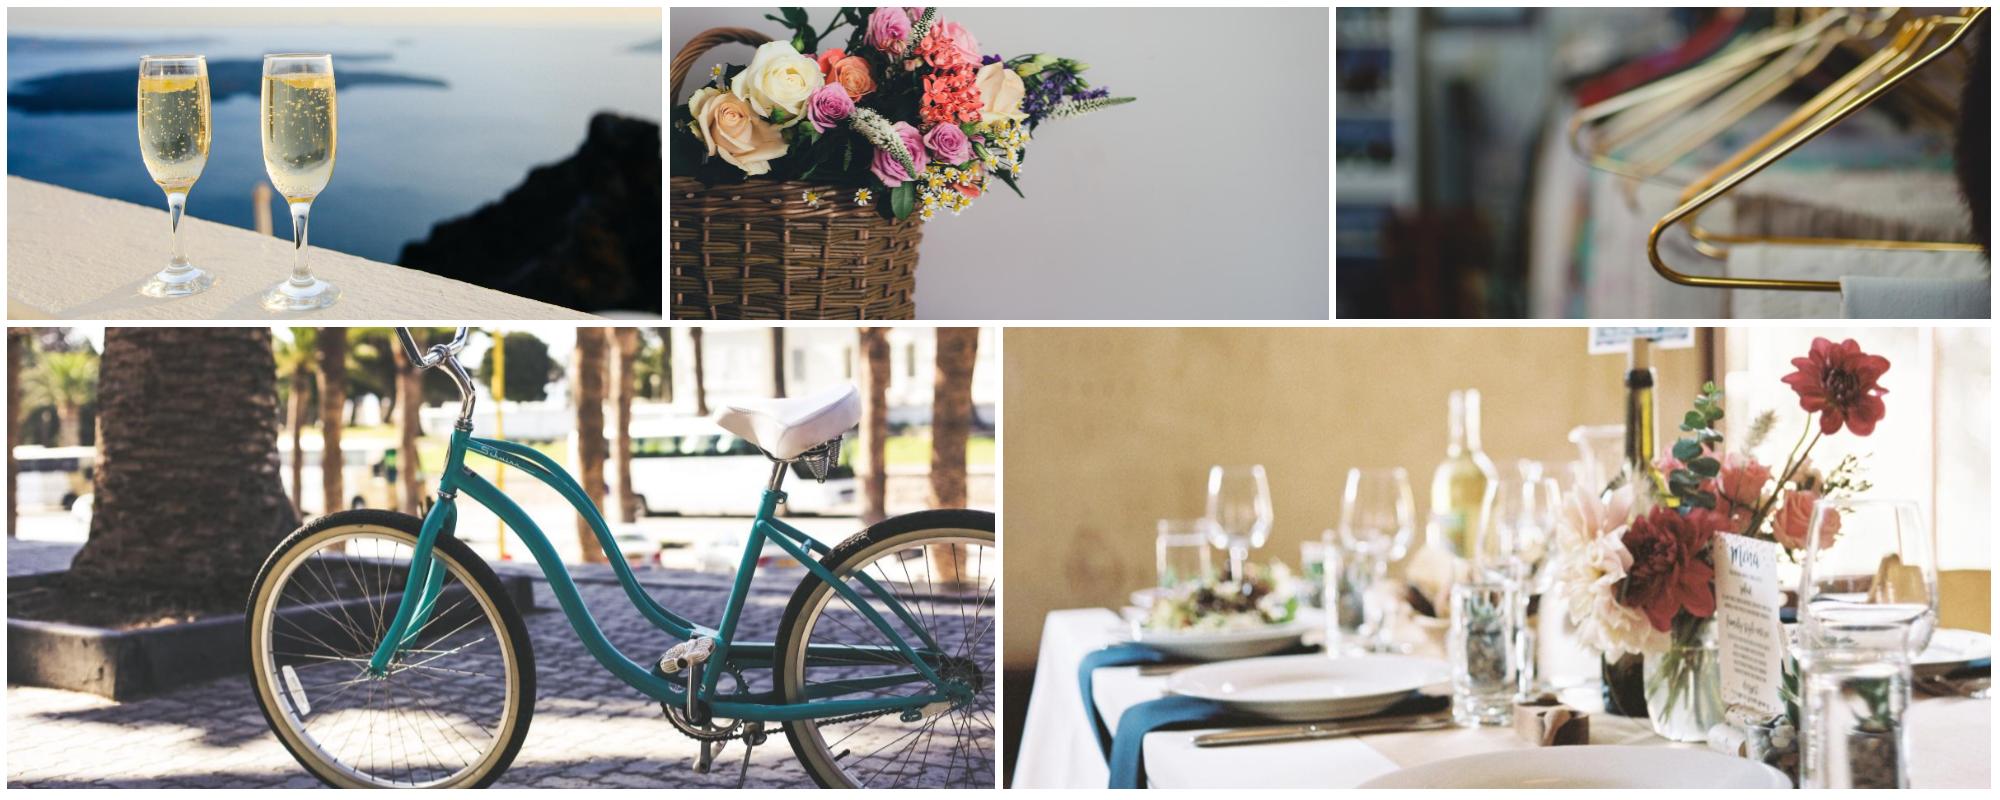 Fotocollage: Champagner, Geschenkkorb, Wäscheservice, Fahrrad, Abendessen